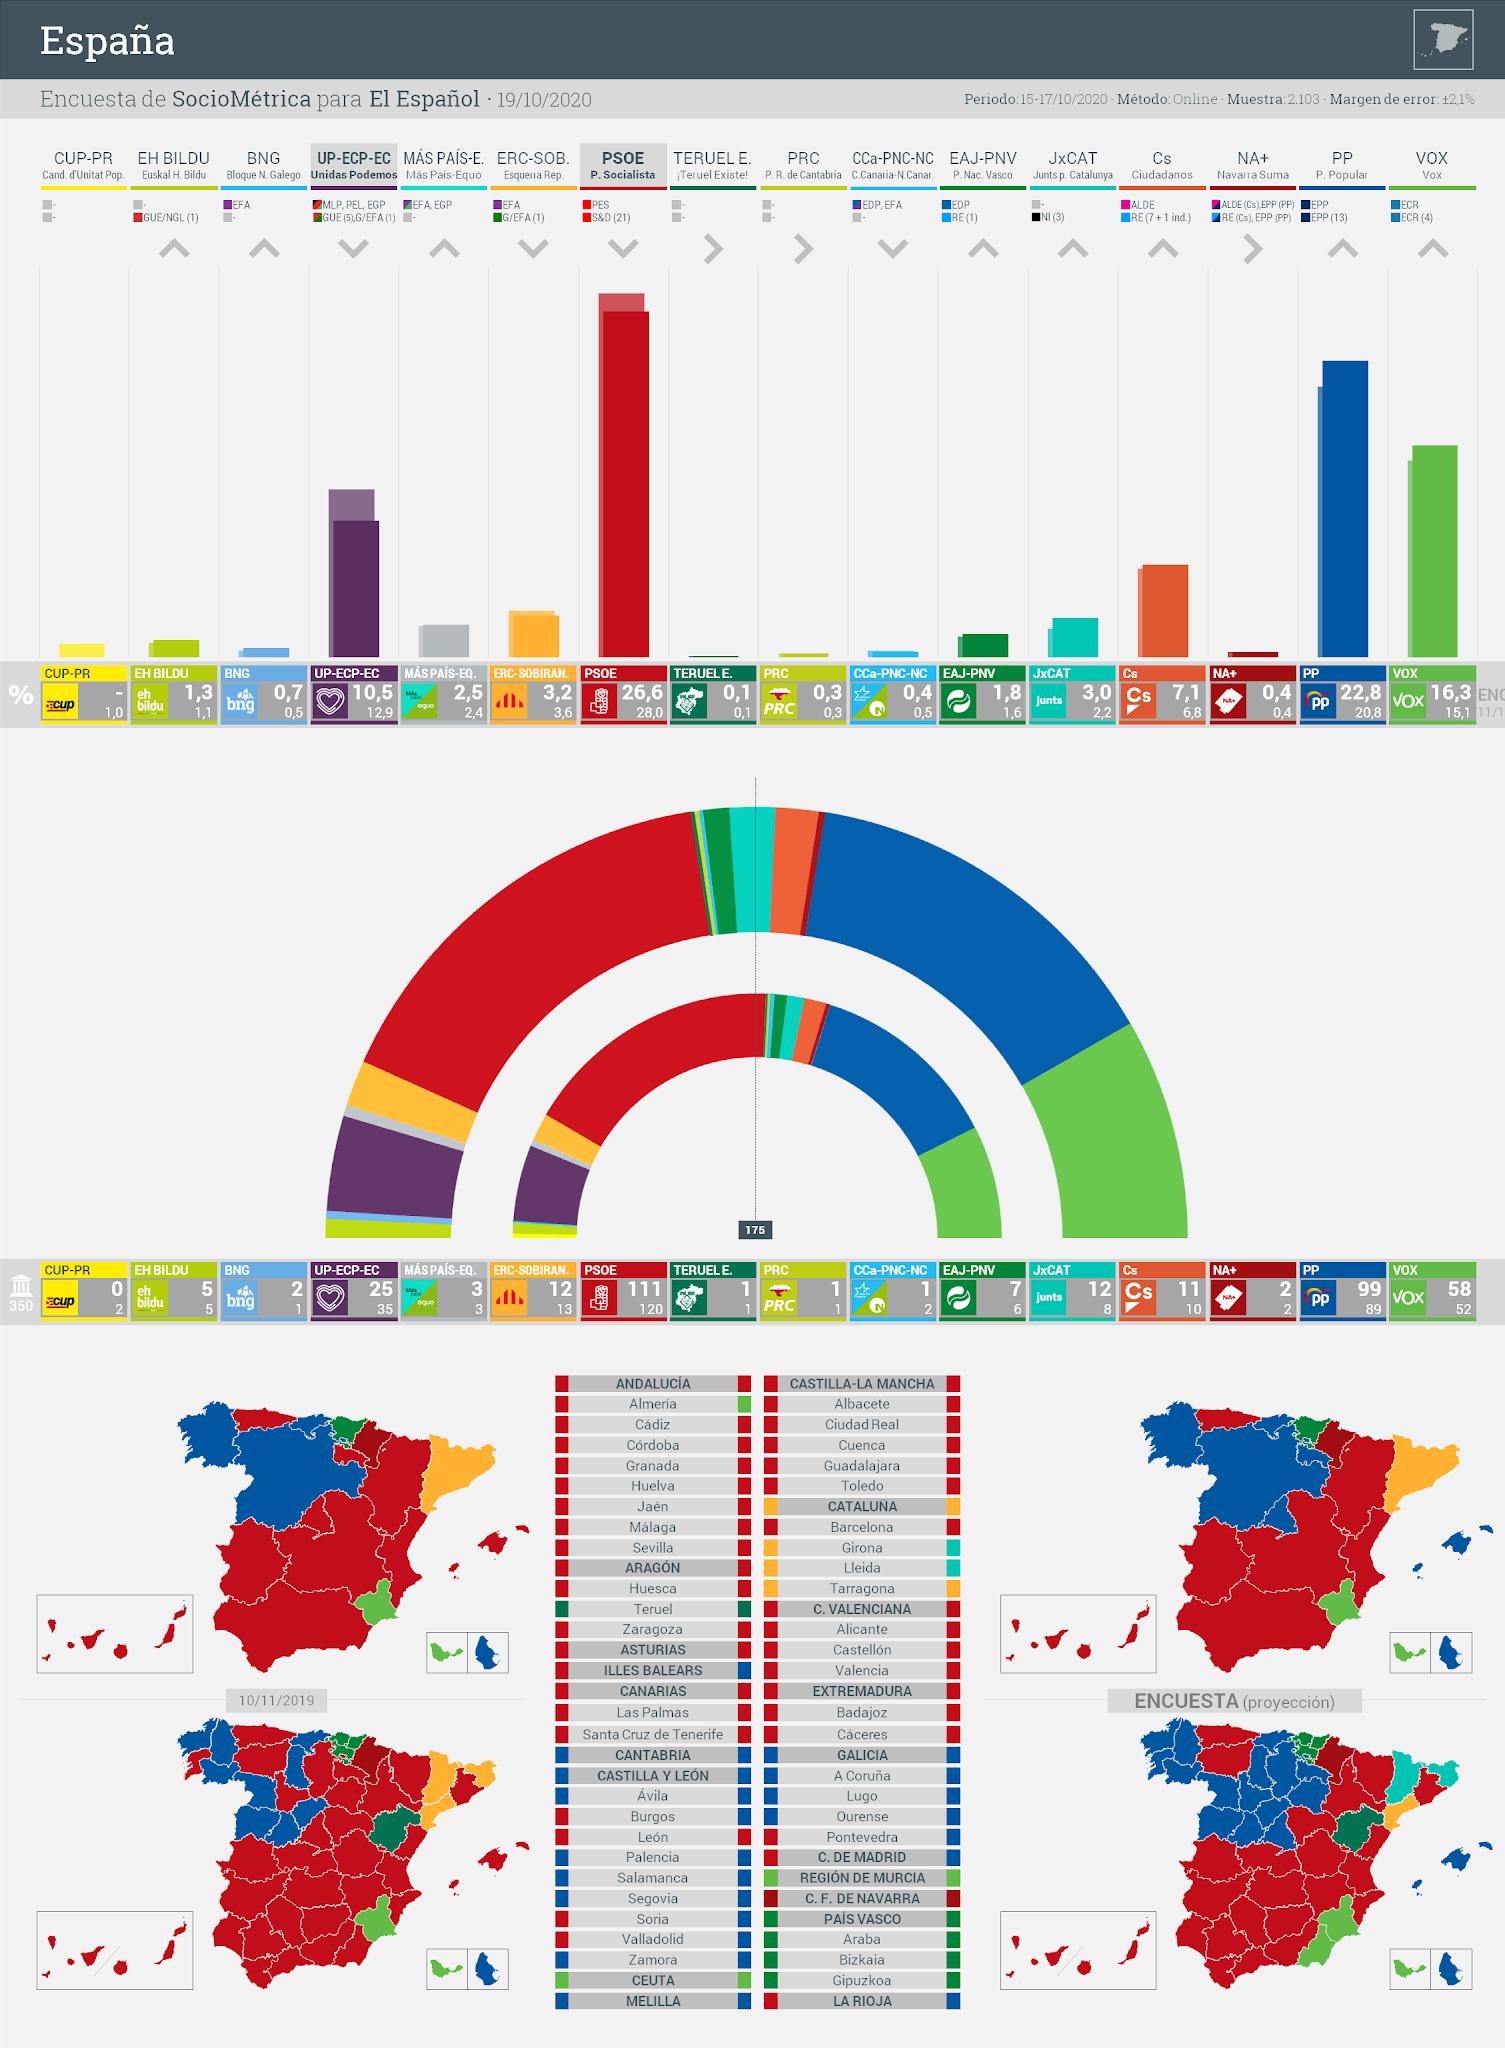 Gráfico de la encuesta para elecciones generales en España realizada por SocioMétrica para El Español, 19 de octubre de 2020